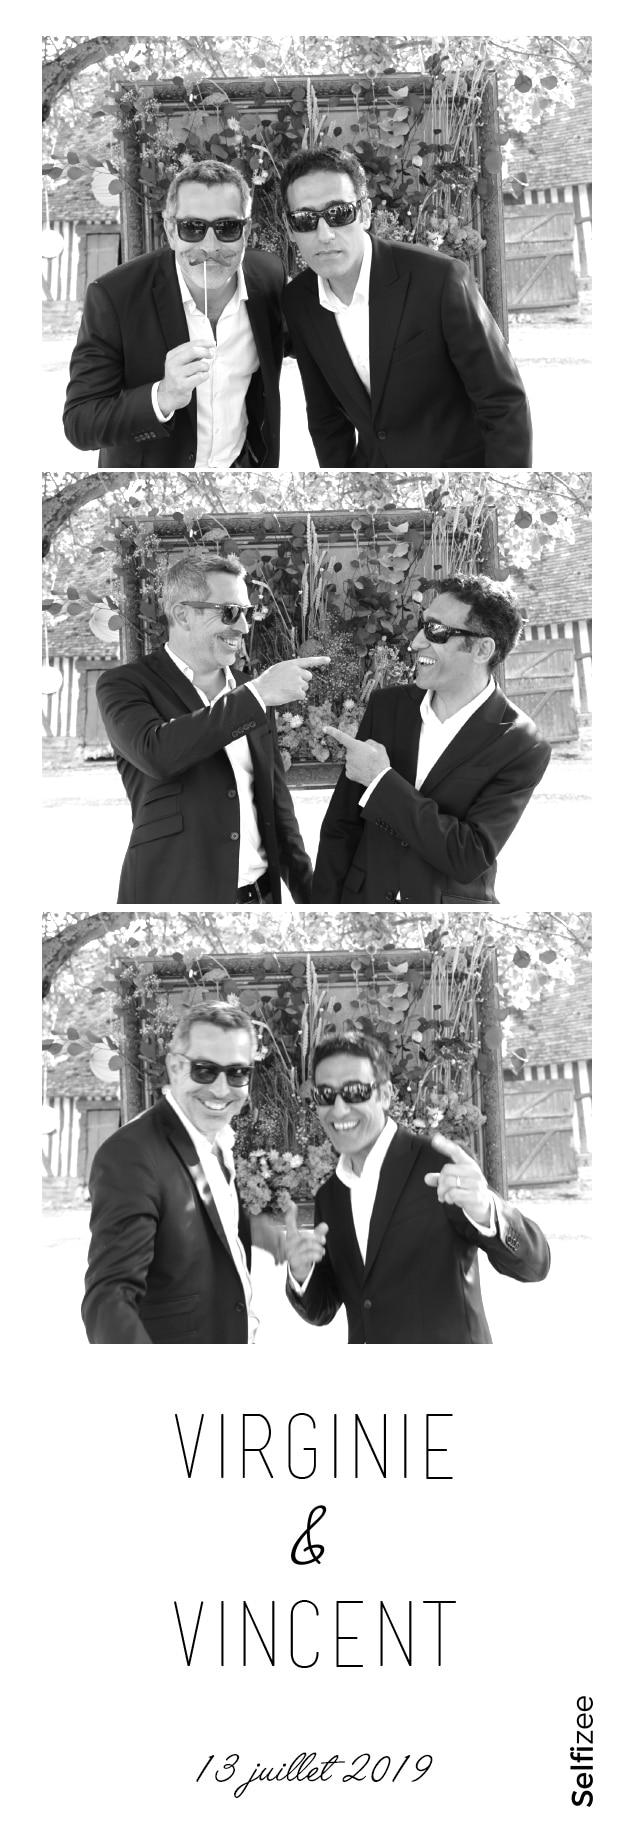 Animation photobooth mariage personnalisée - borne selfie à louer à Saint Lô / Manche pour mariage, anniversaire, fête avec impressions photos